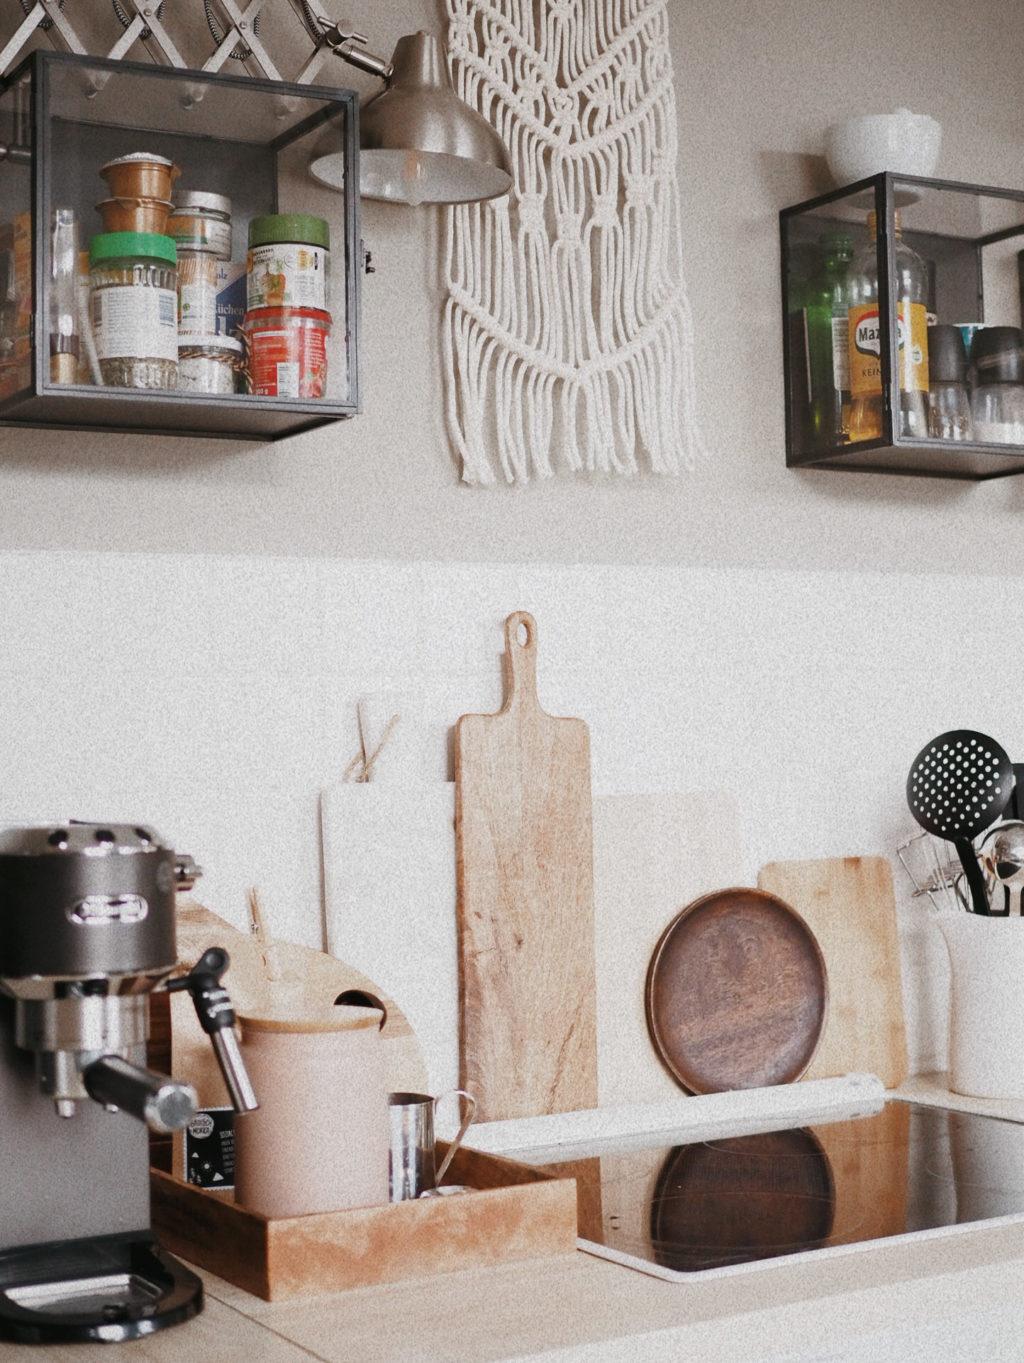 Full Size of Küche Industrial Style Boho Meets 3 Tipps Fr Kche New Moon Club Umziehen Eckunterschrank Holzbrett Fototapete Mit Elektrogeräten Bodenbelag Gewinnen Wohnzimmer Küche Industrial Style